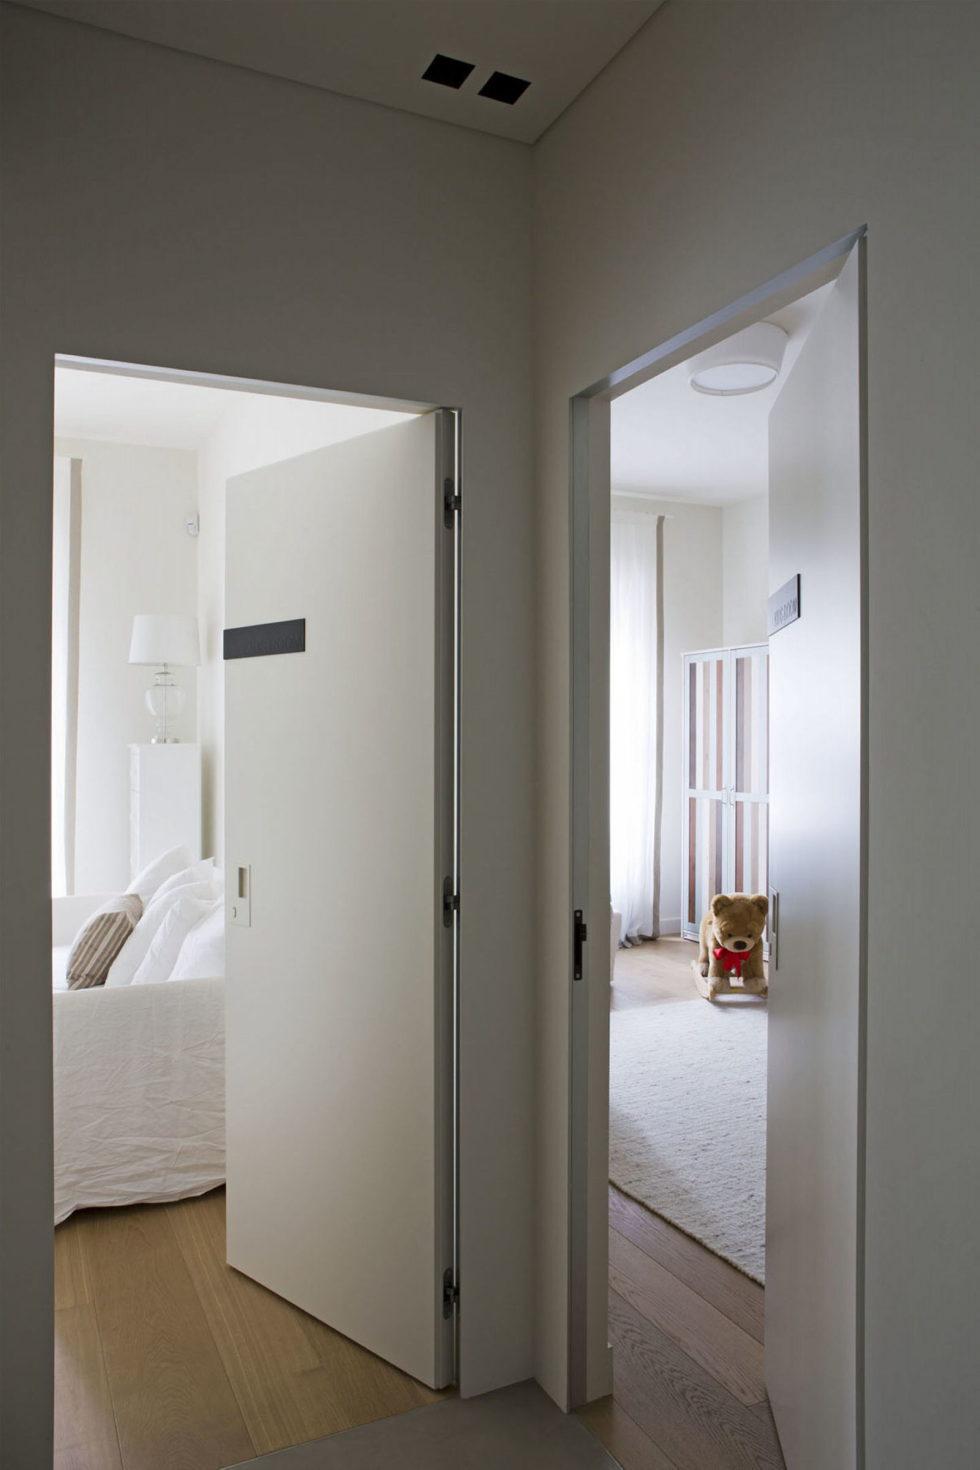 Quindiciquattro Apartments At The Center Of Turin From Fabio Fantolino 26